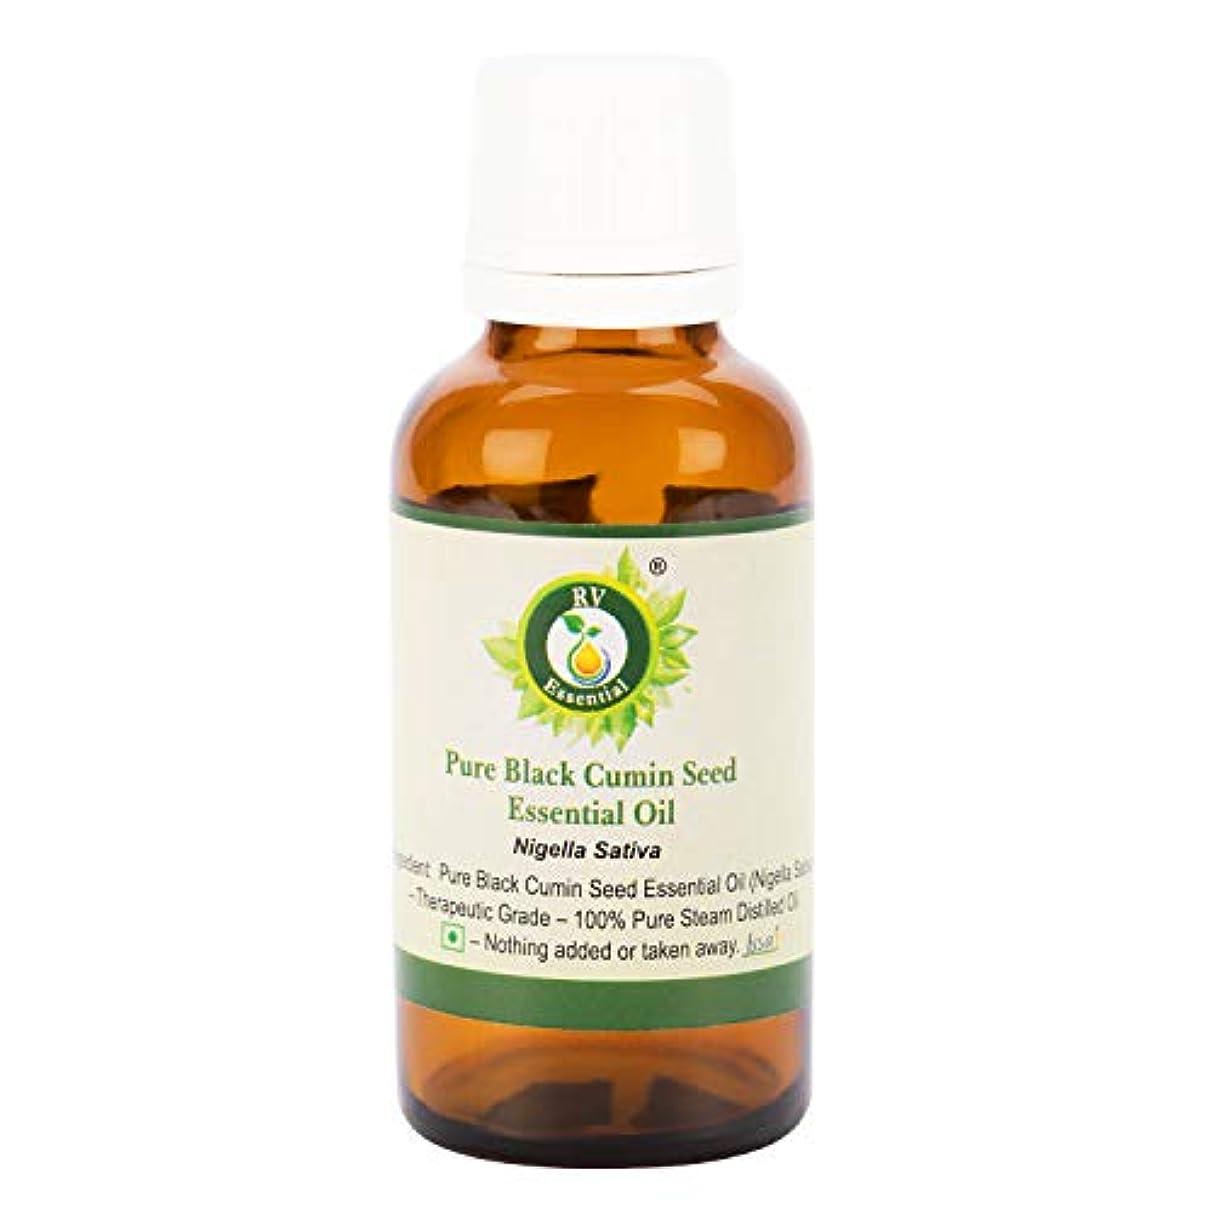 端末二年生ちょっと待ってピュアブラッククミンシードエッセンシャルオイル5ml (0.169oz)- Nigella Sativa (100%純粋&天然スチームDistilled) Pure Black Cumin Seed Essential...